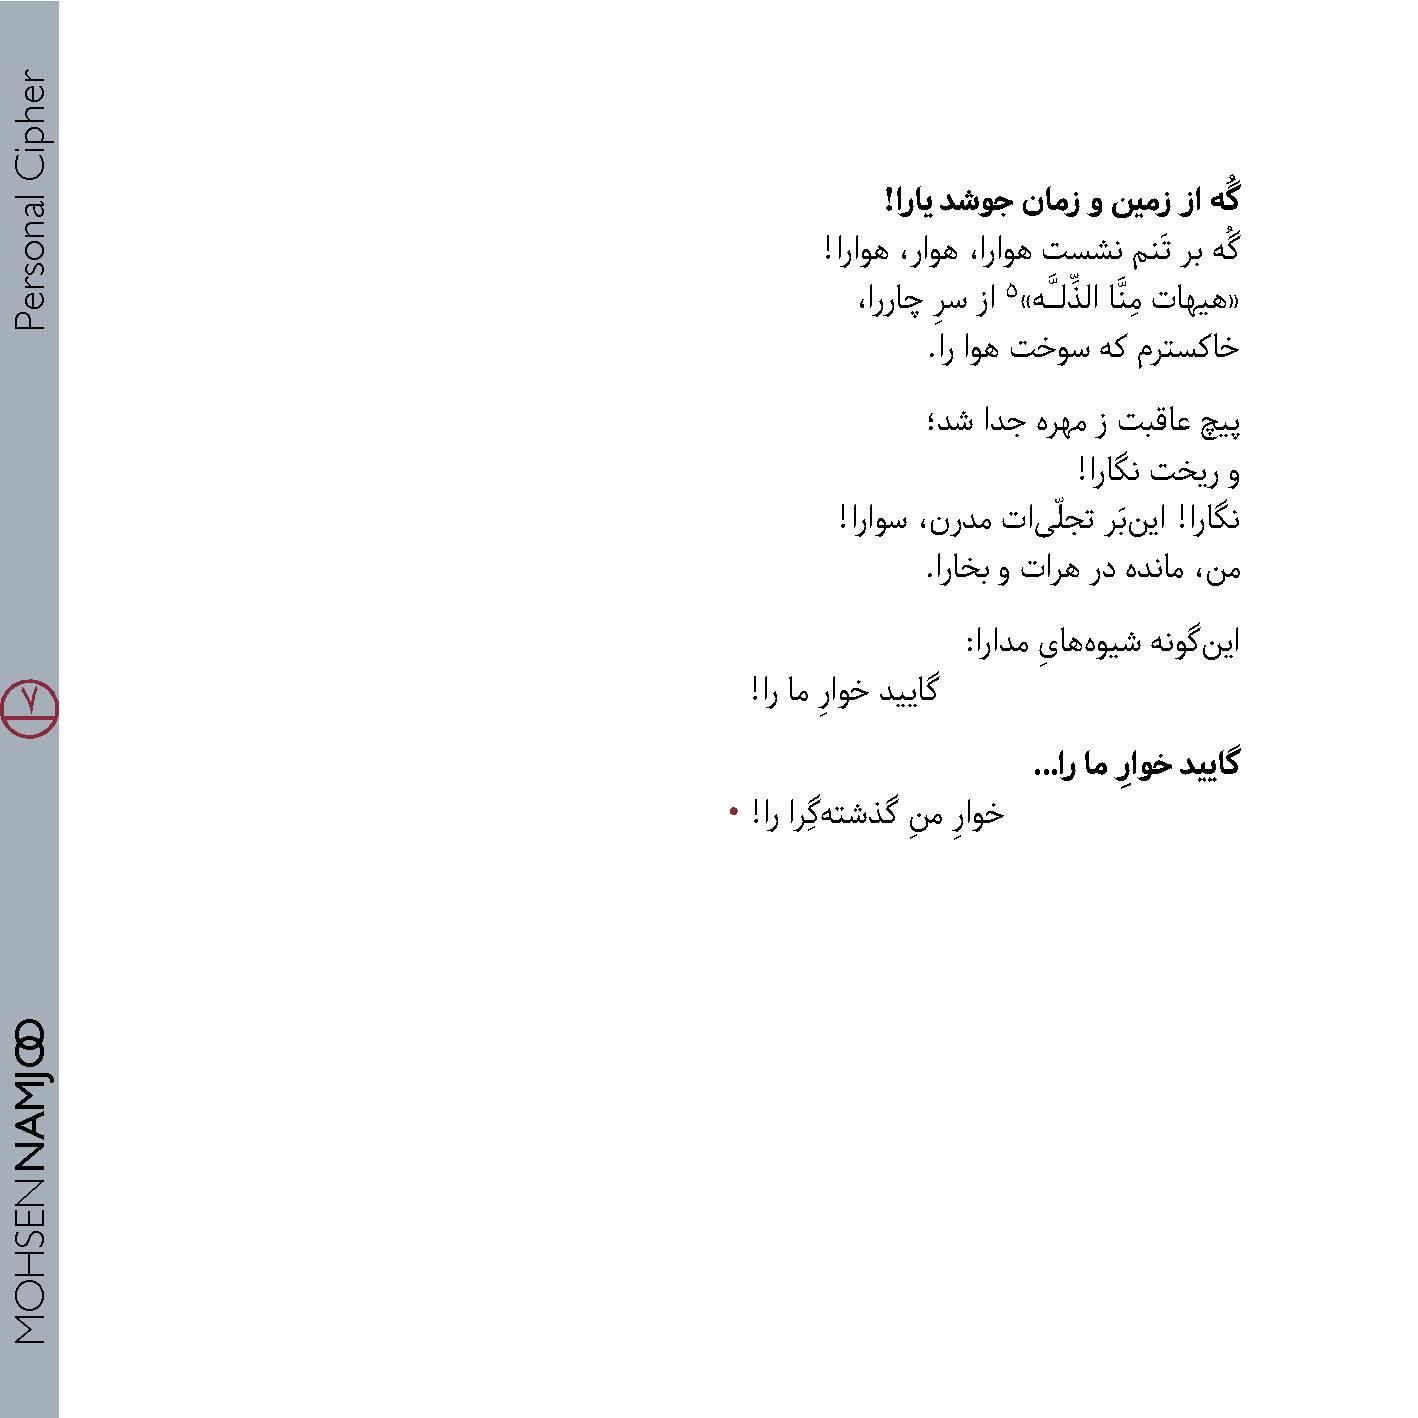 file-page7.jpg